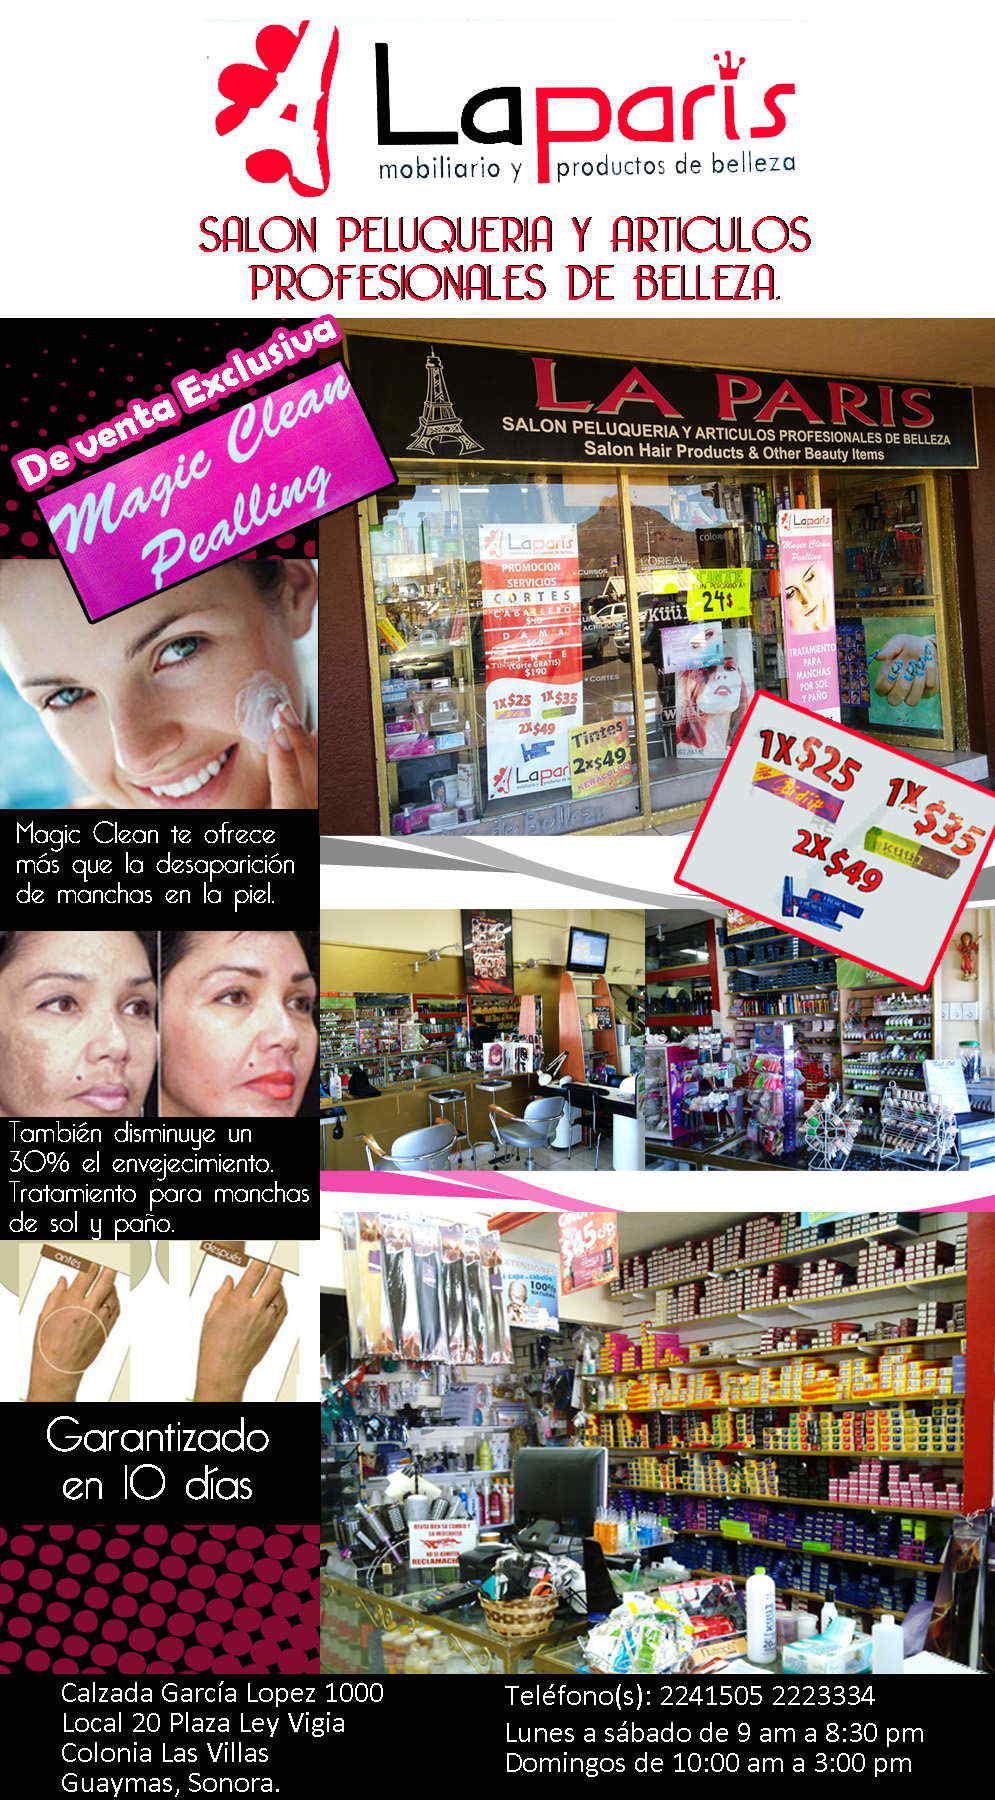 Salon la paris hair products other beauty items en for Accesorios para salon de belleza